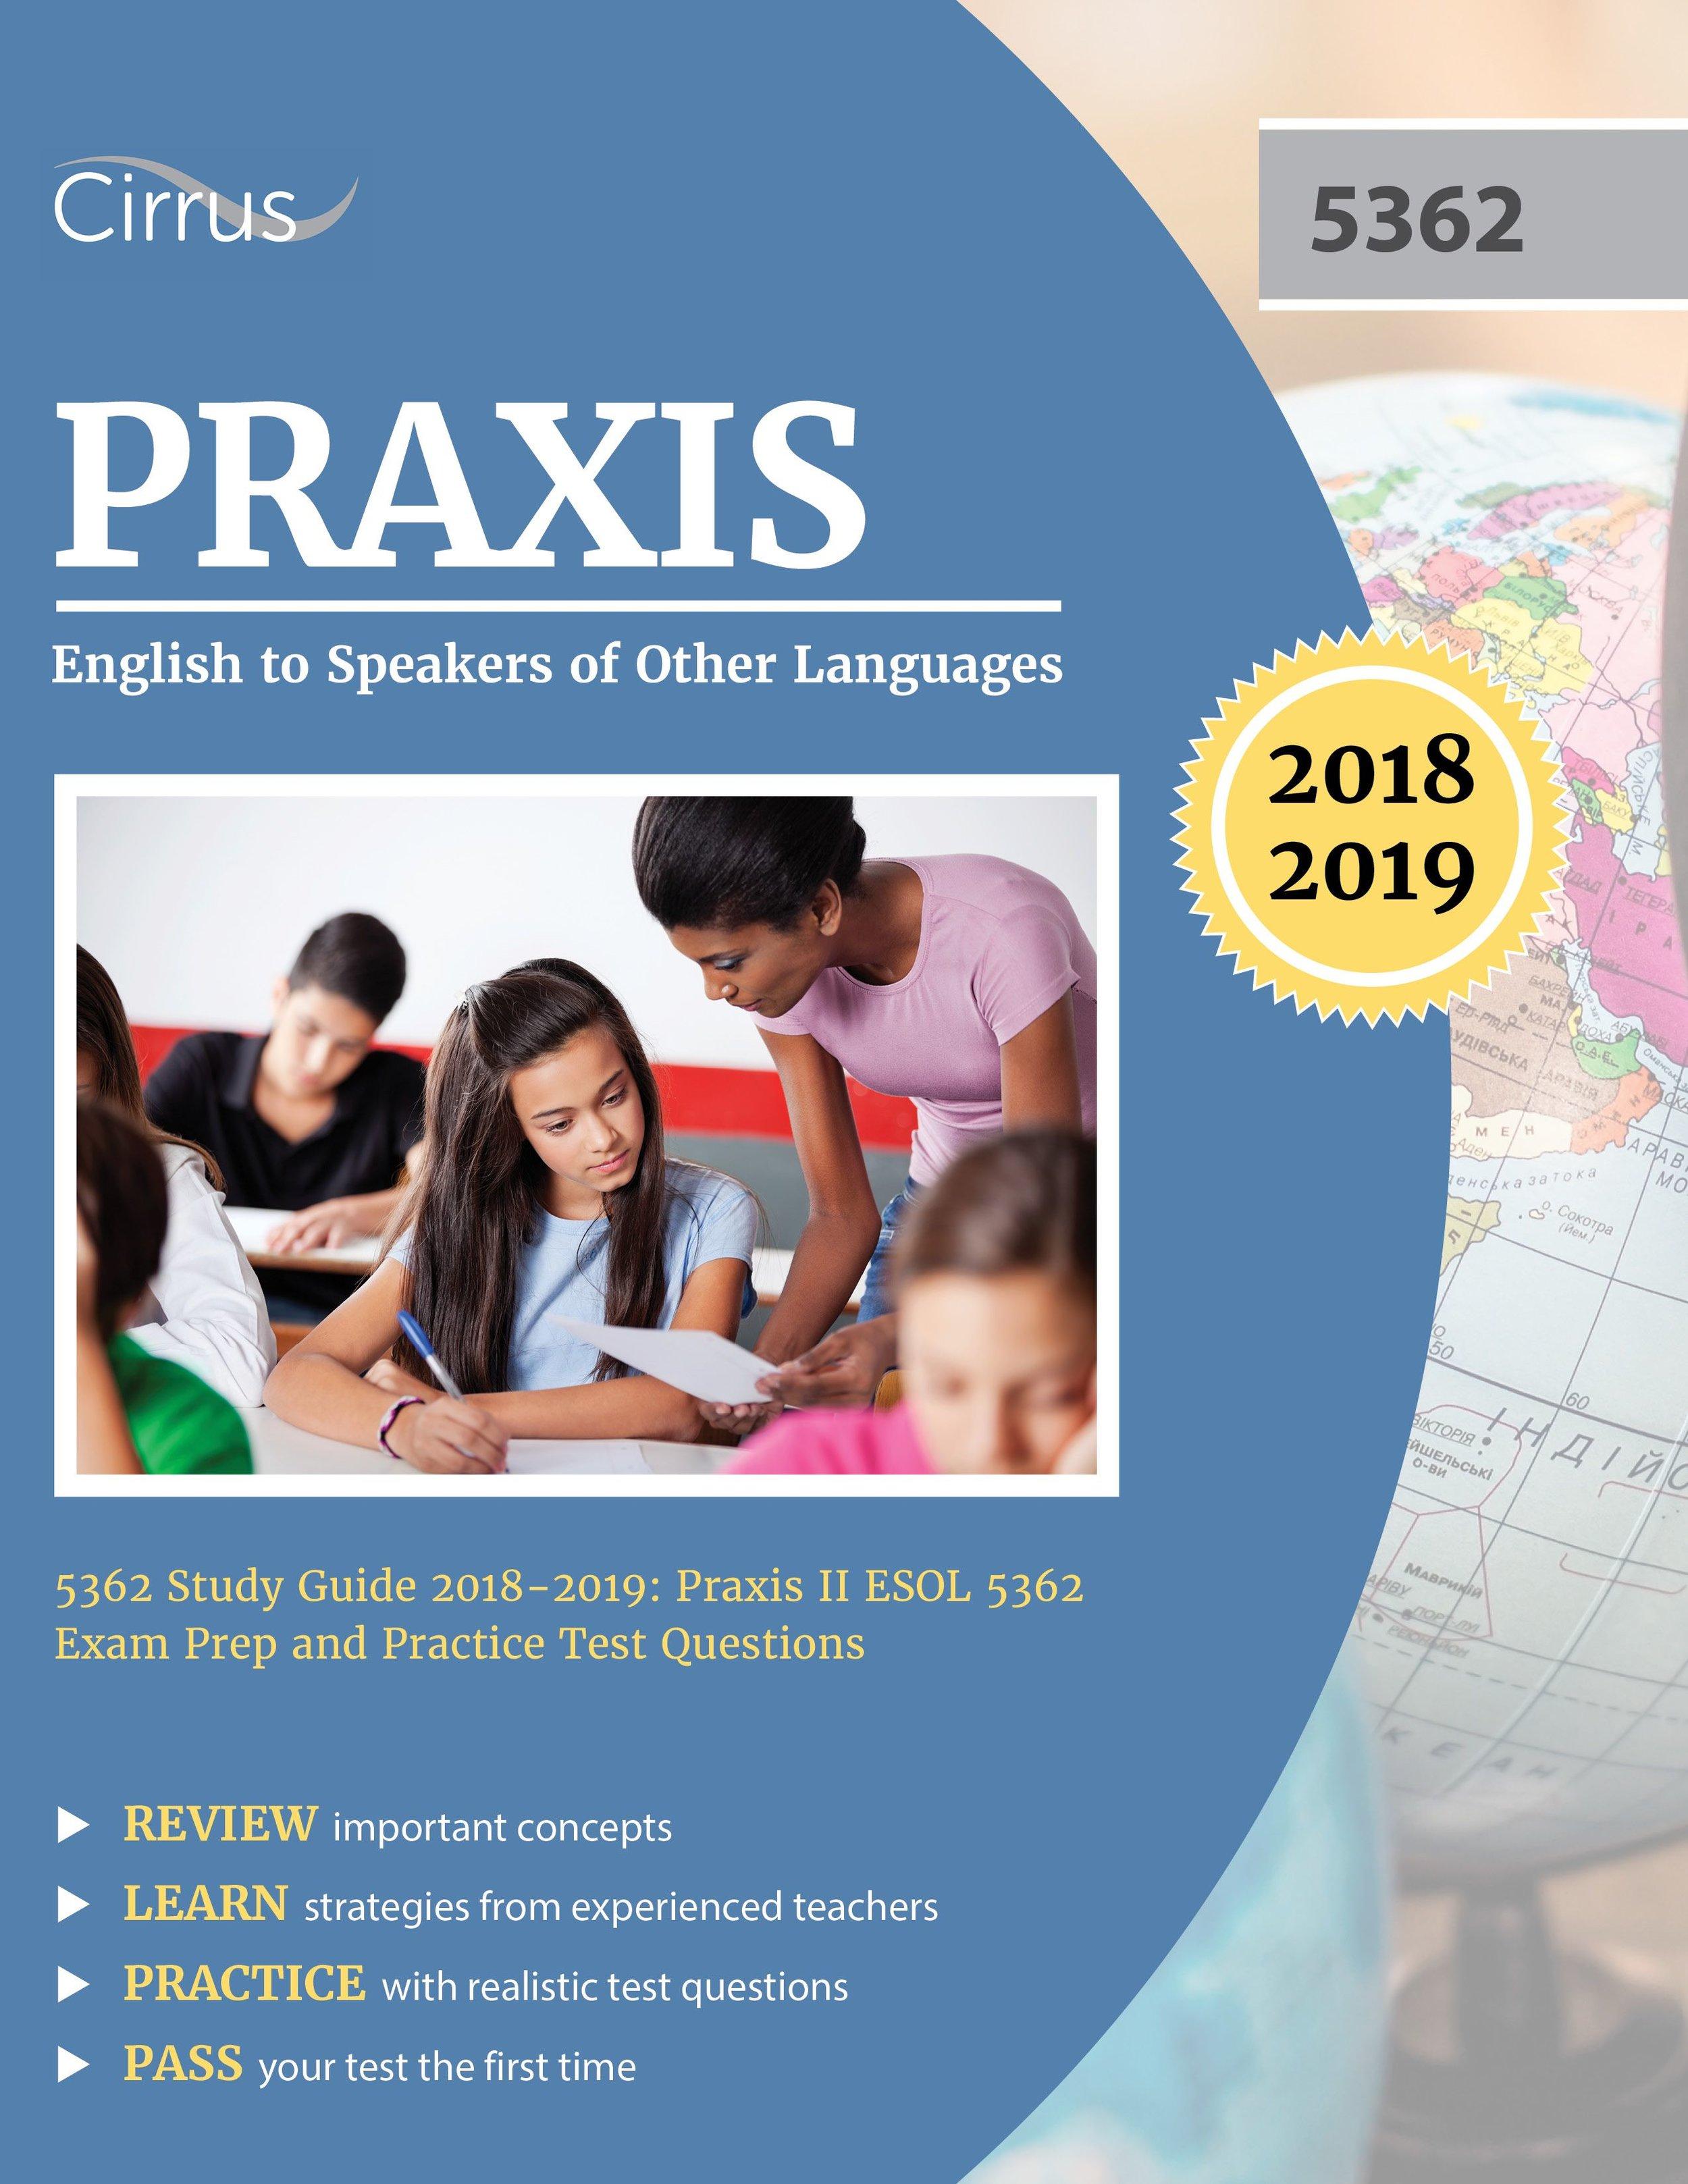 Praxis_cover_website-compressor.jpg